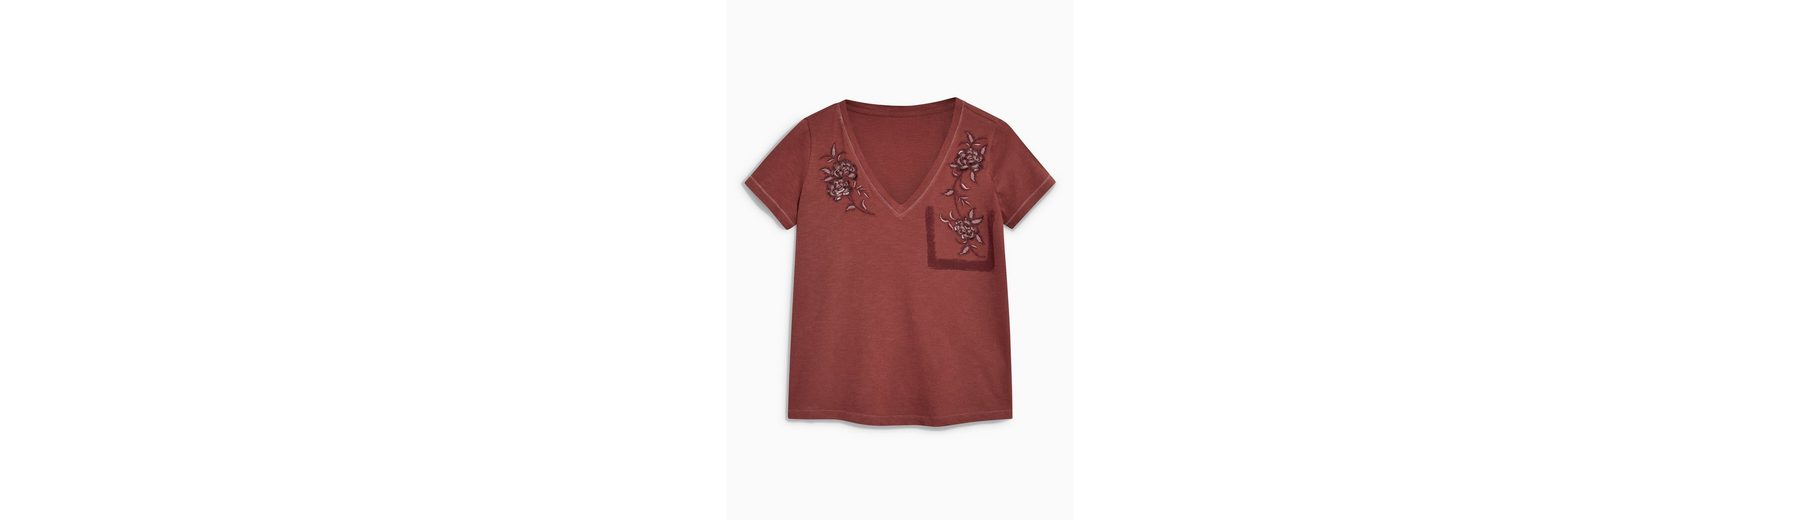 Günstig Online Kaufen Countdown-Paket Zum Verkauf Next Besticktes T-Shirt Wie Viel Zu Verkaufen Freies Verschiffen Zuverlässig 8uqIu7Vk